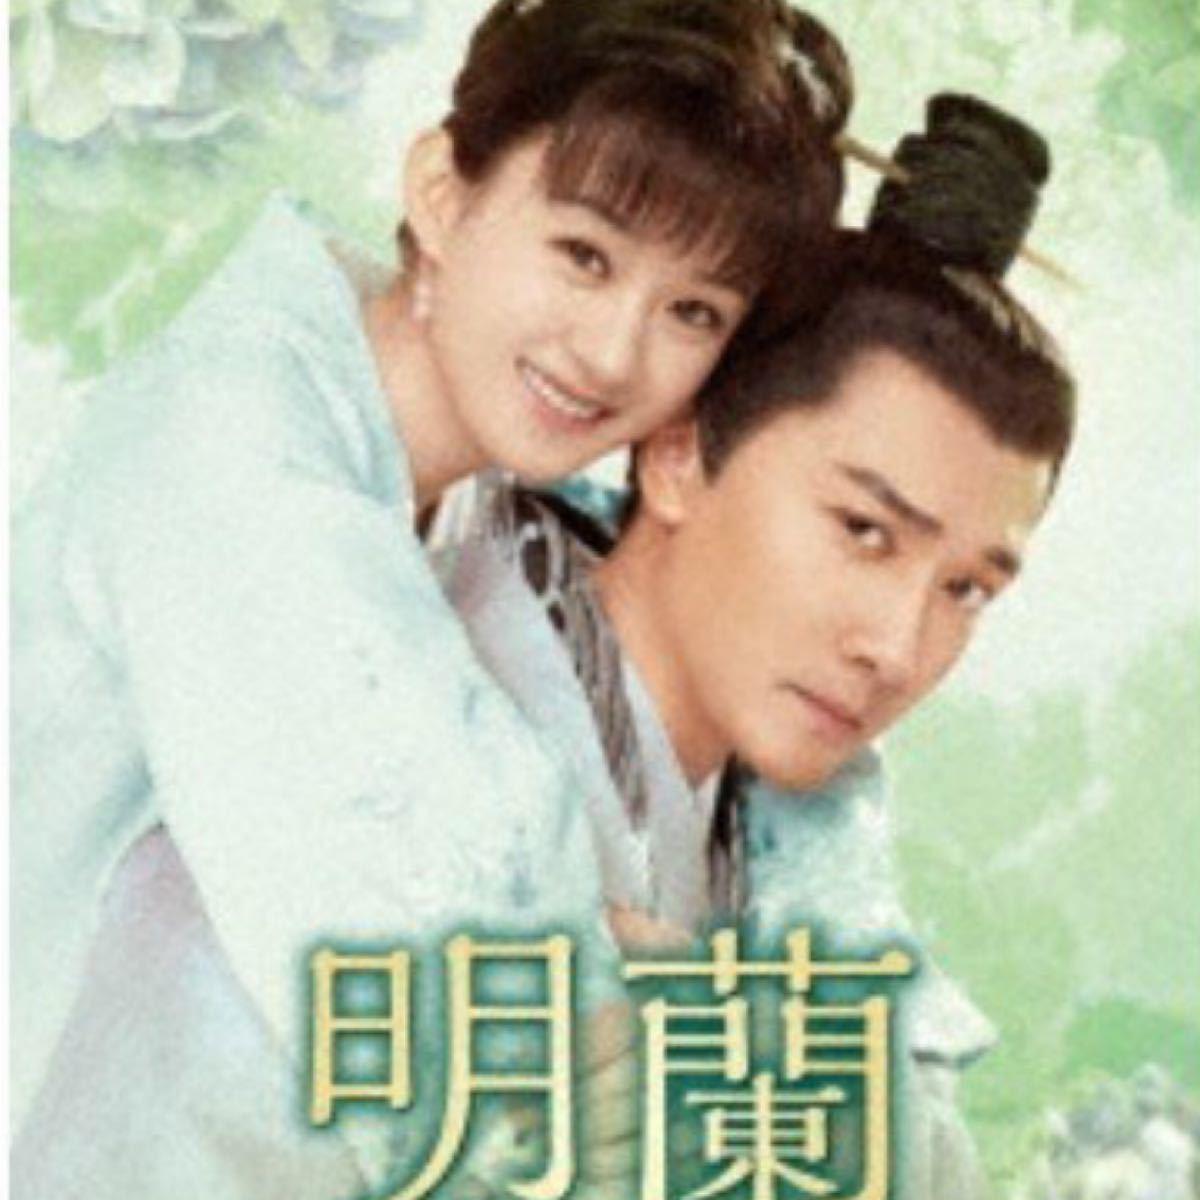 中国ドラマ 明蘭 BluRay全話